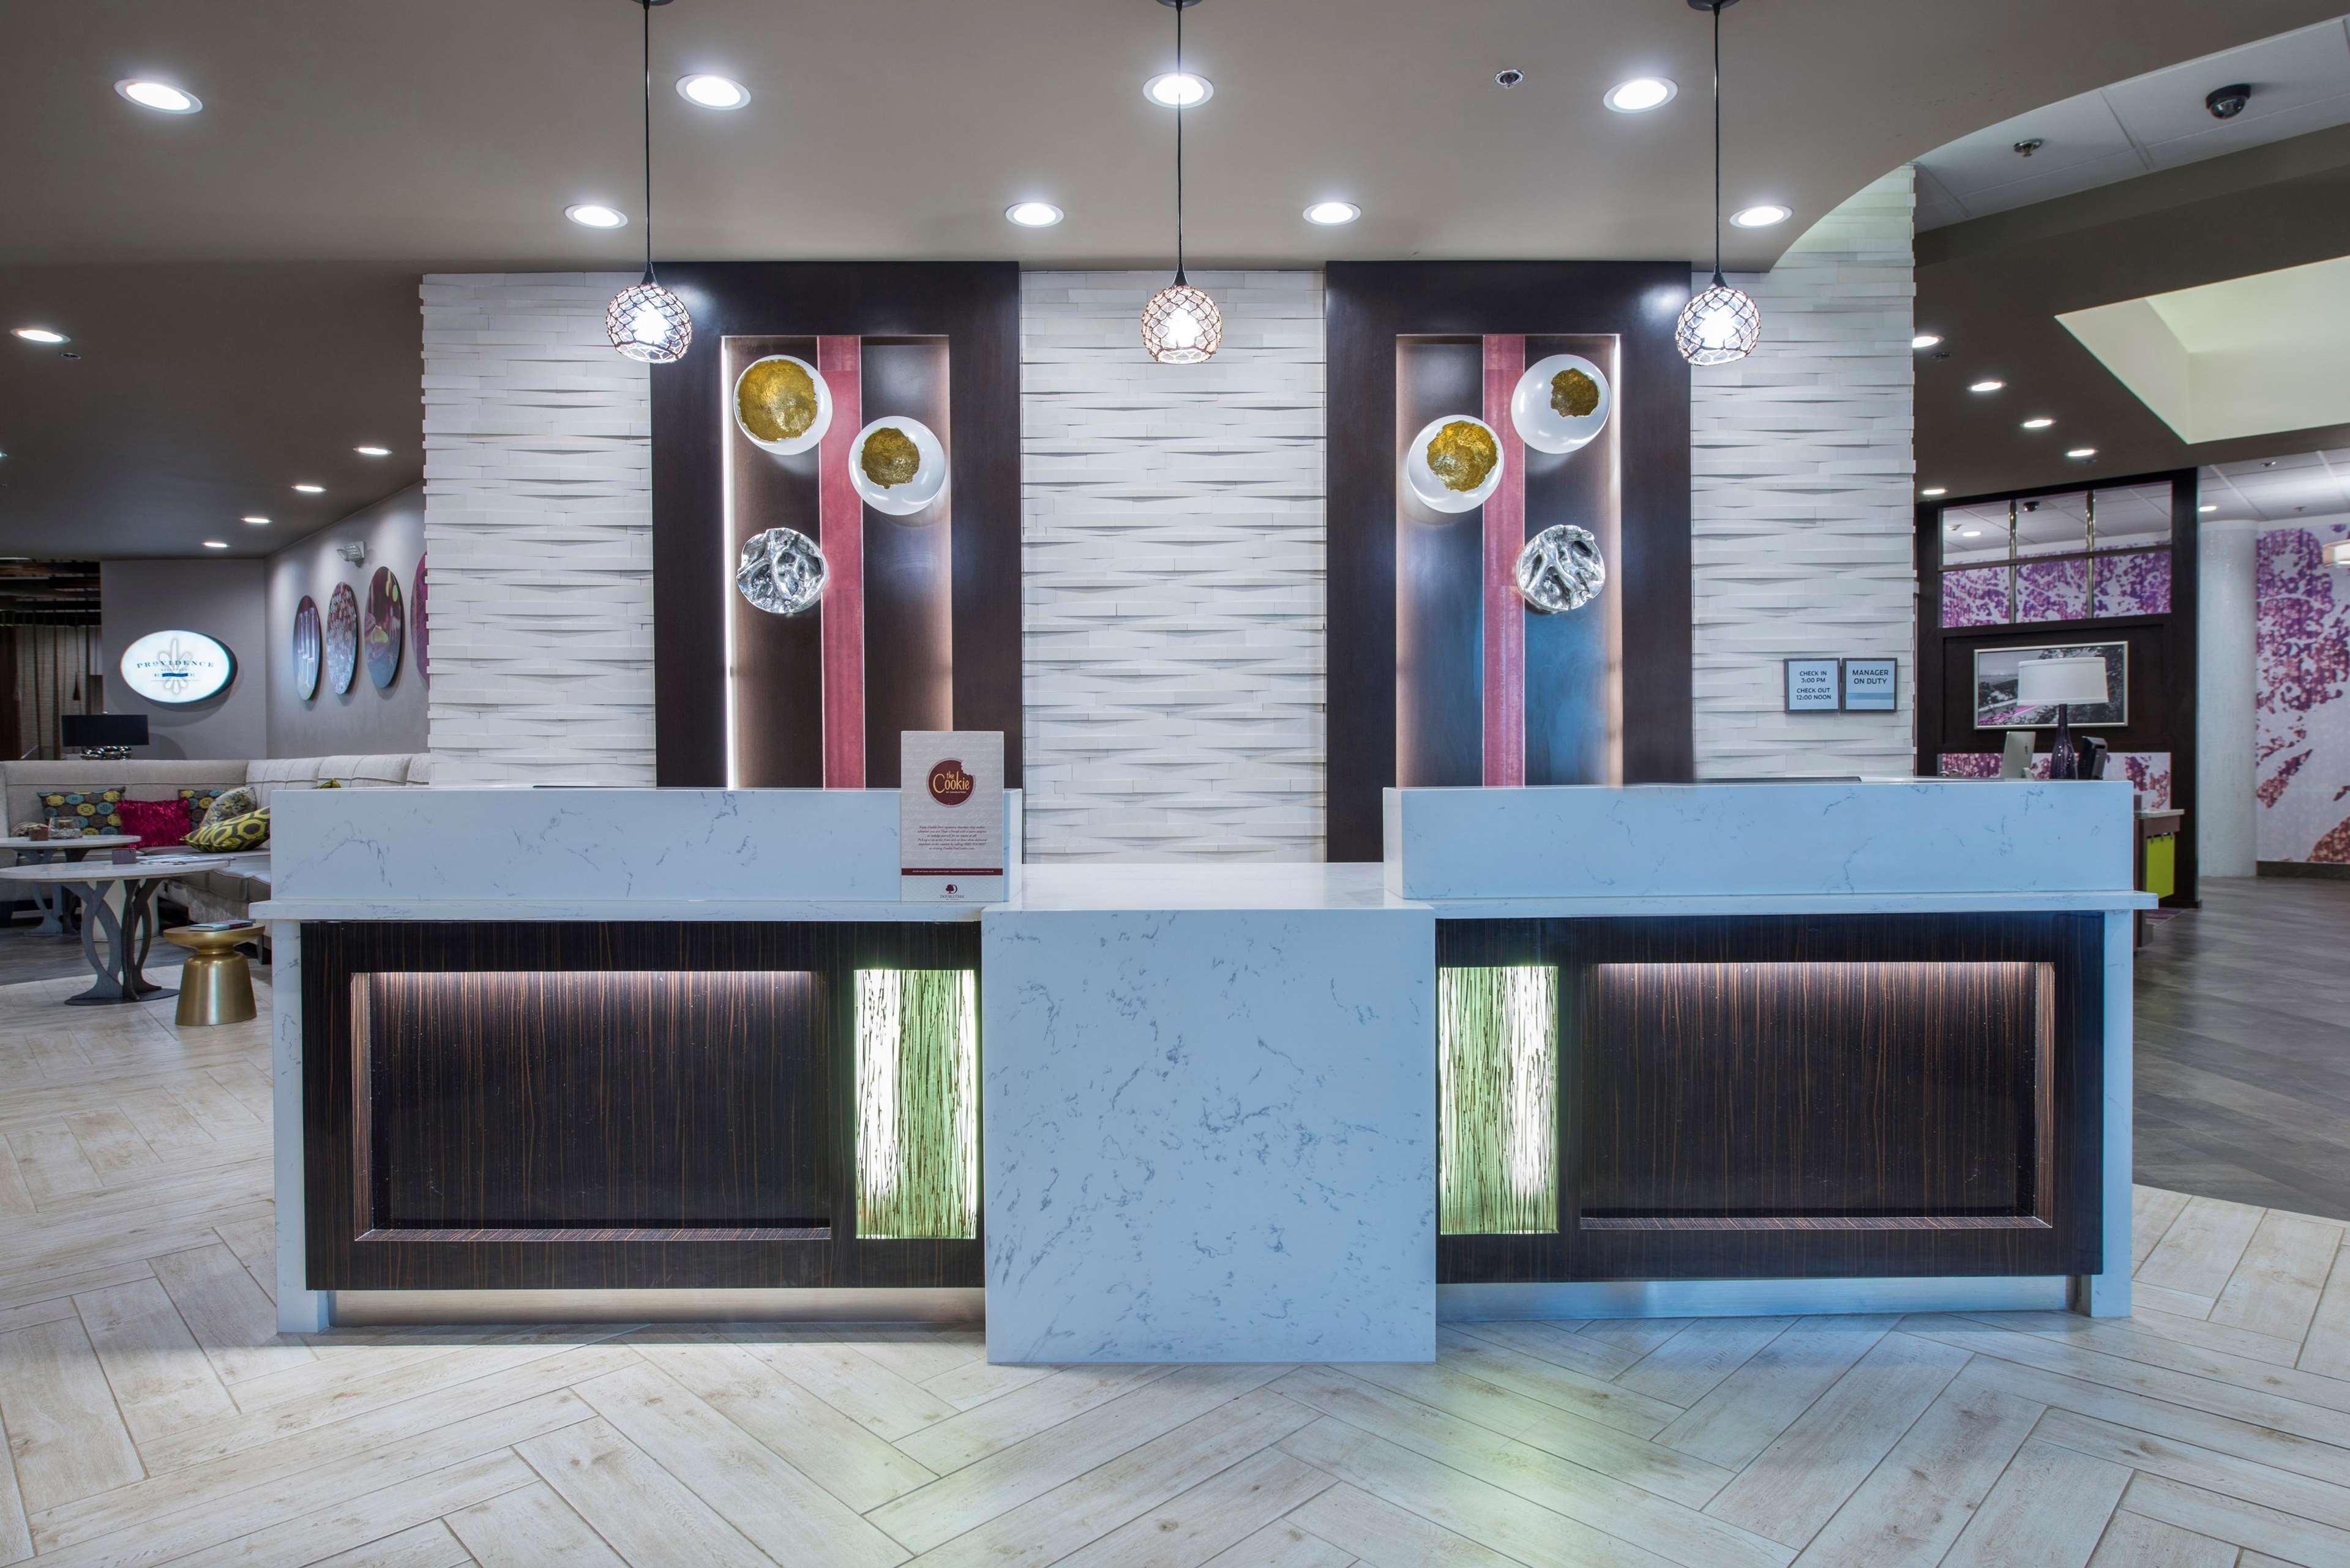 DoubleTree by Hilton Hotel Winston Salem - University image 10